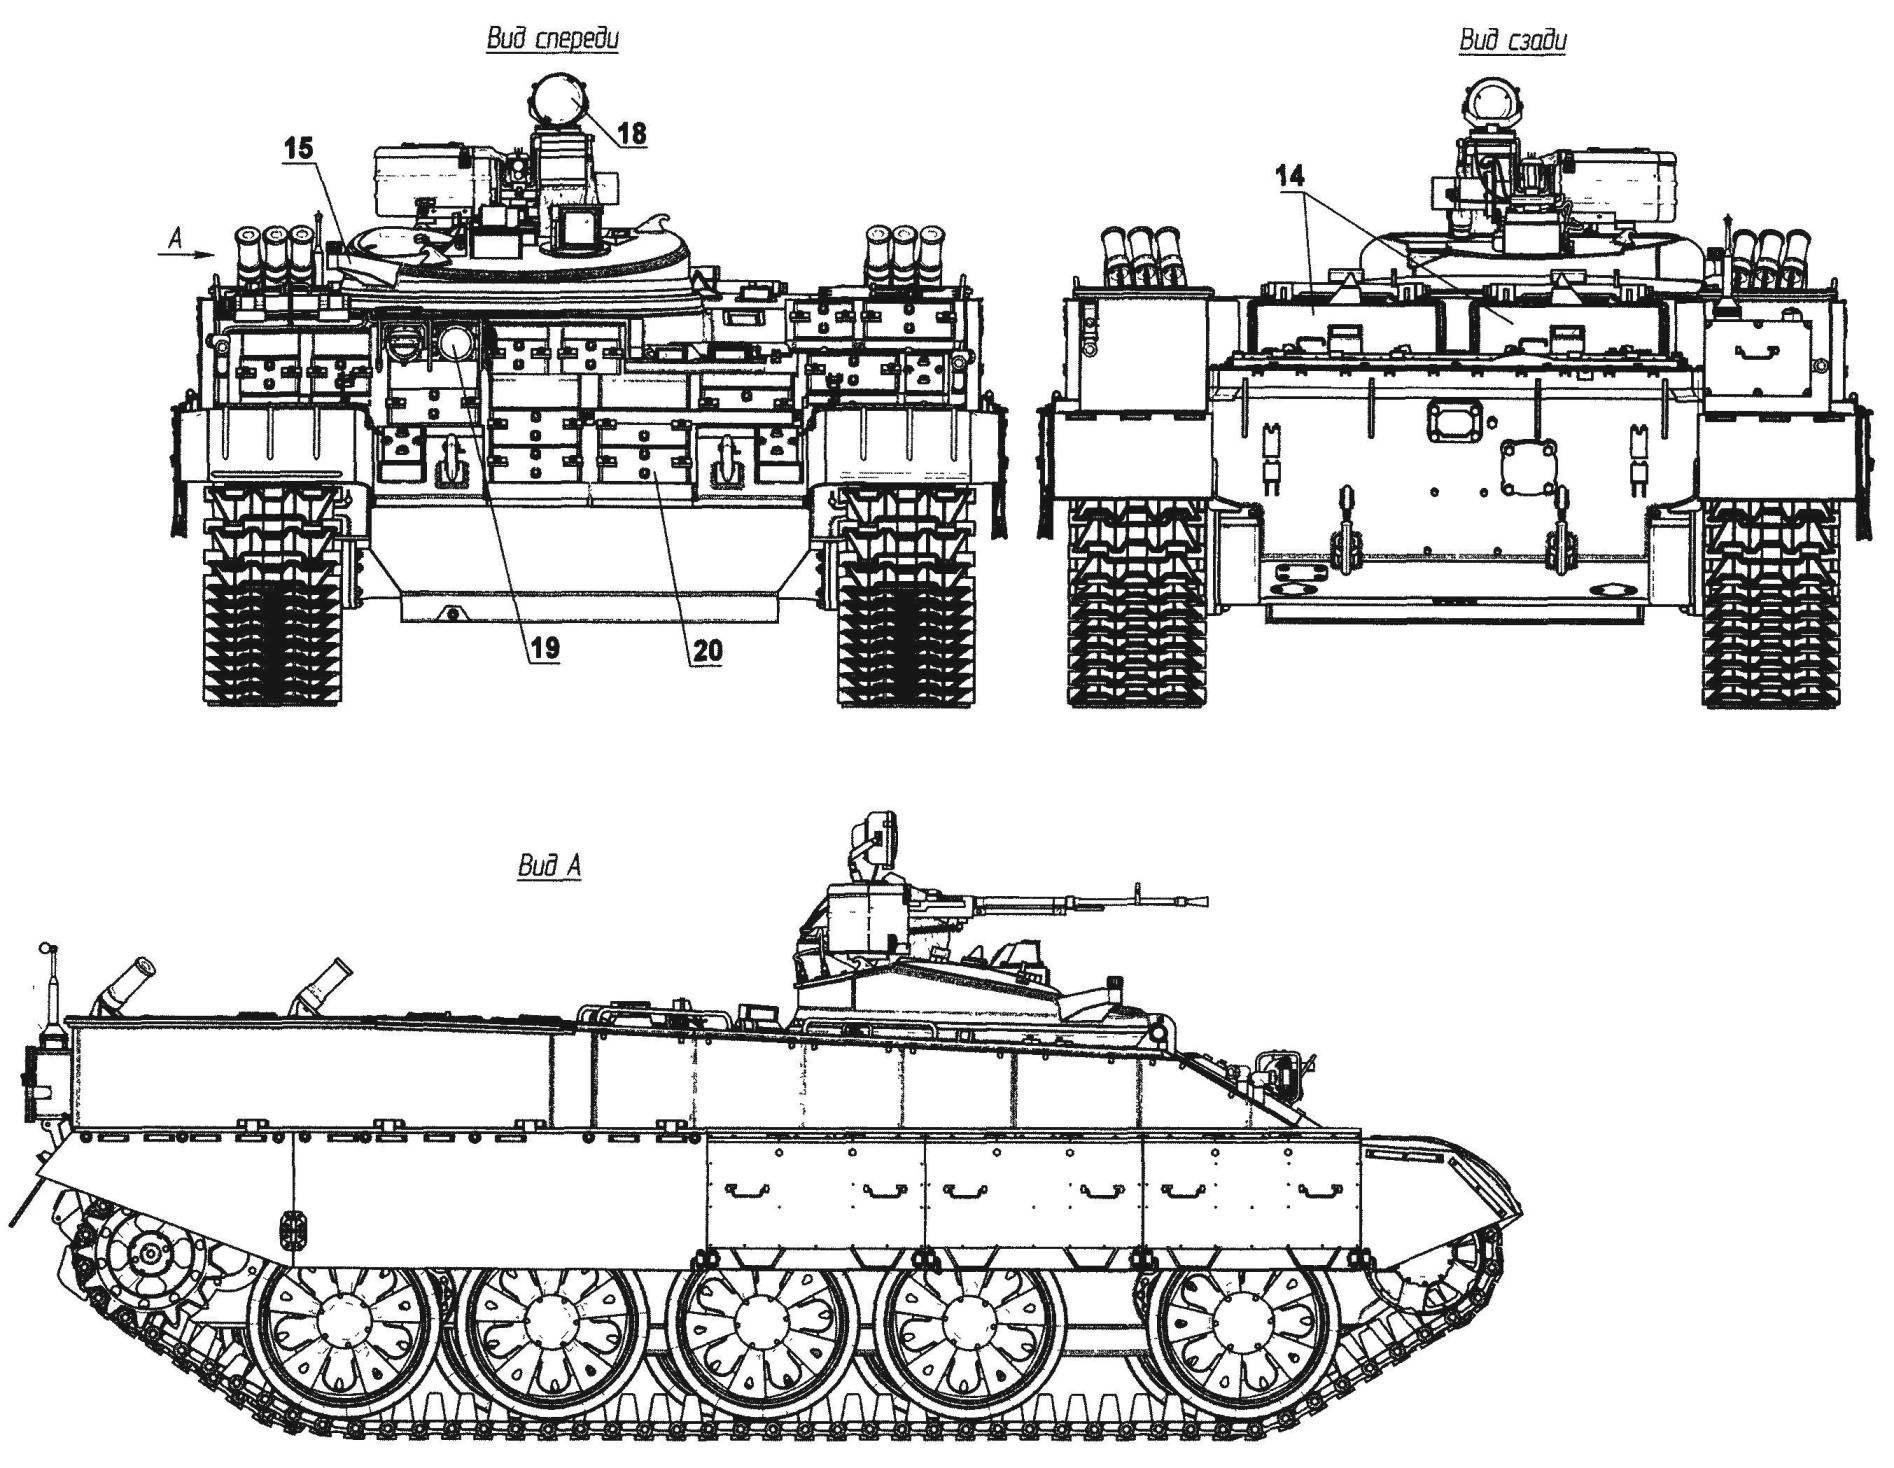 Тяжелый бронетранспортер БТР-Т